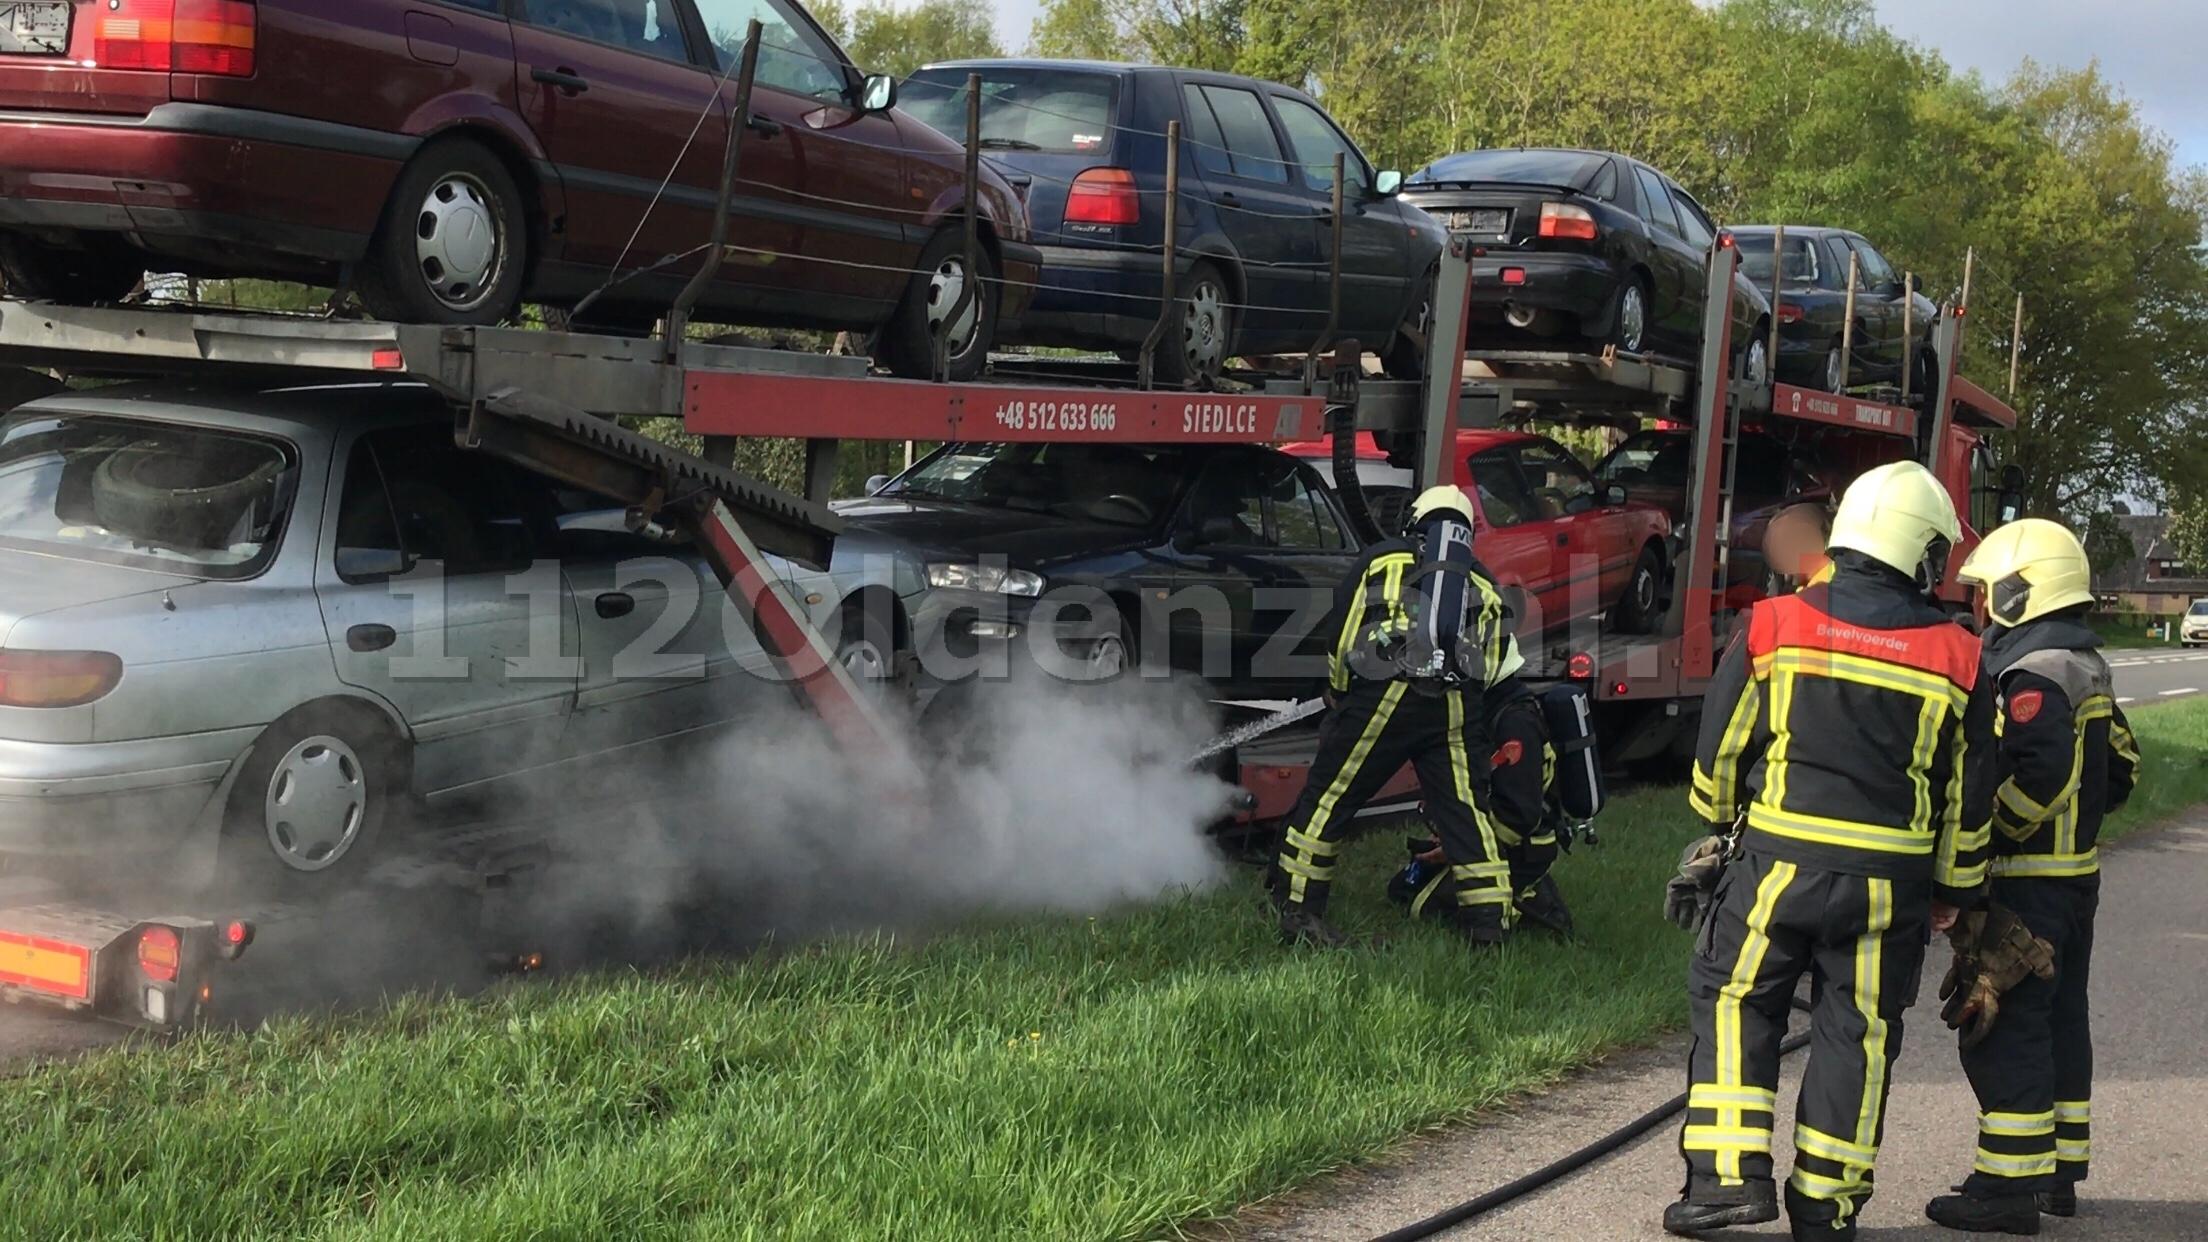 Brandweer Oldenzaal rukt uit voor melding vrachtwagenbrand